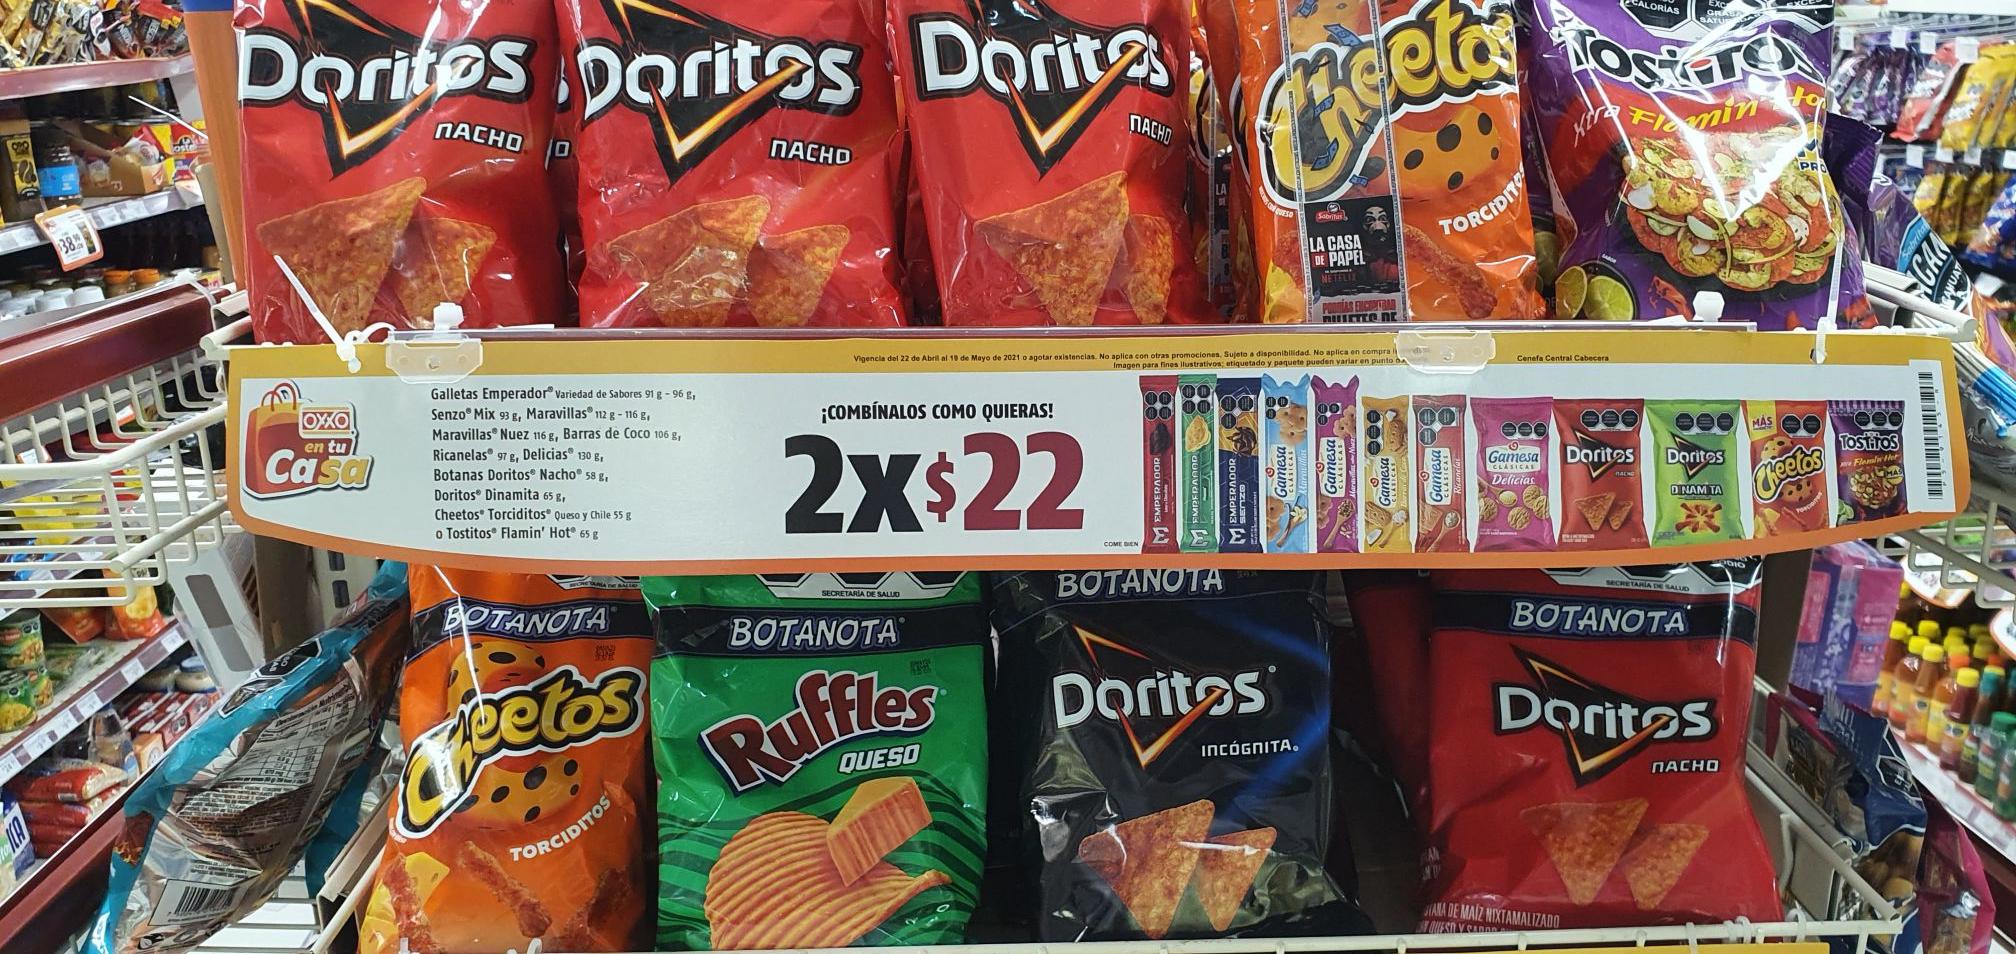 Oxxo: Doritos/Chetos 2 x $22